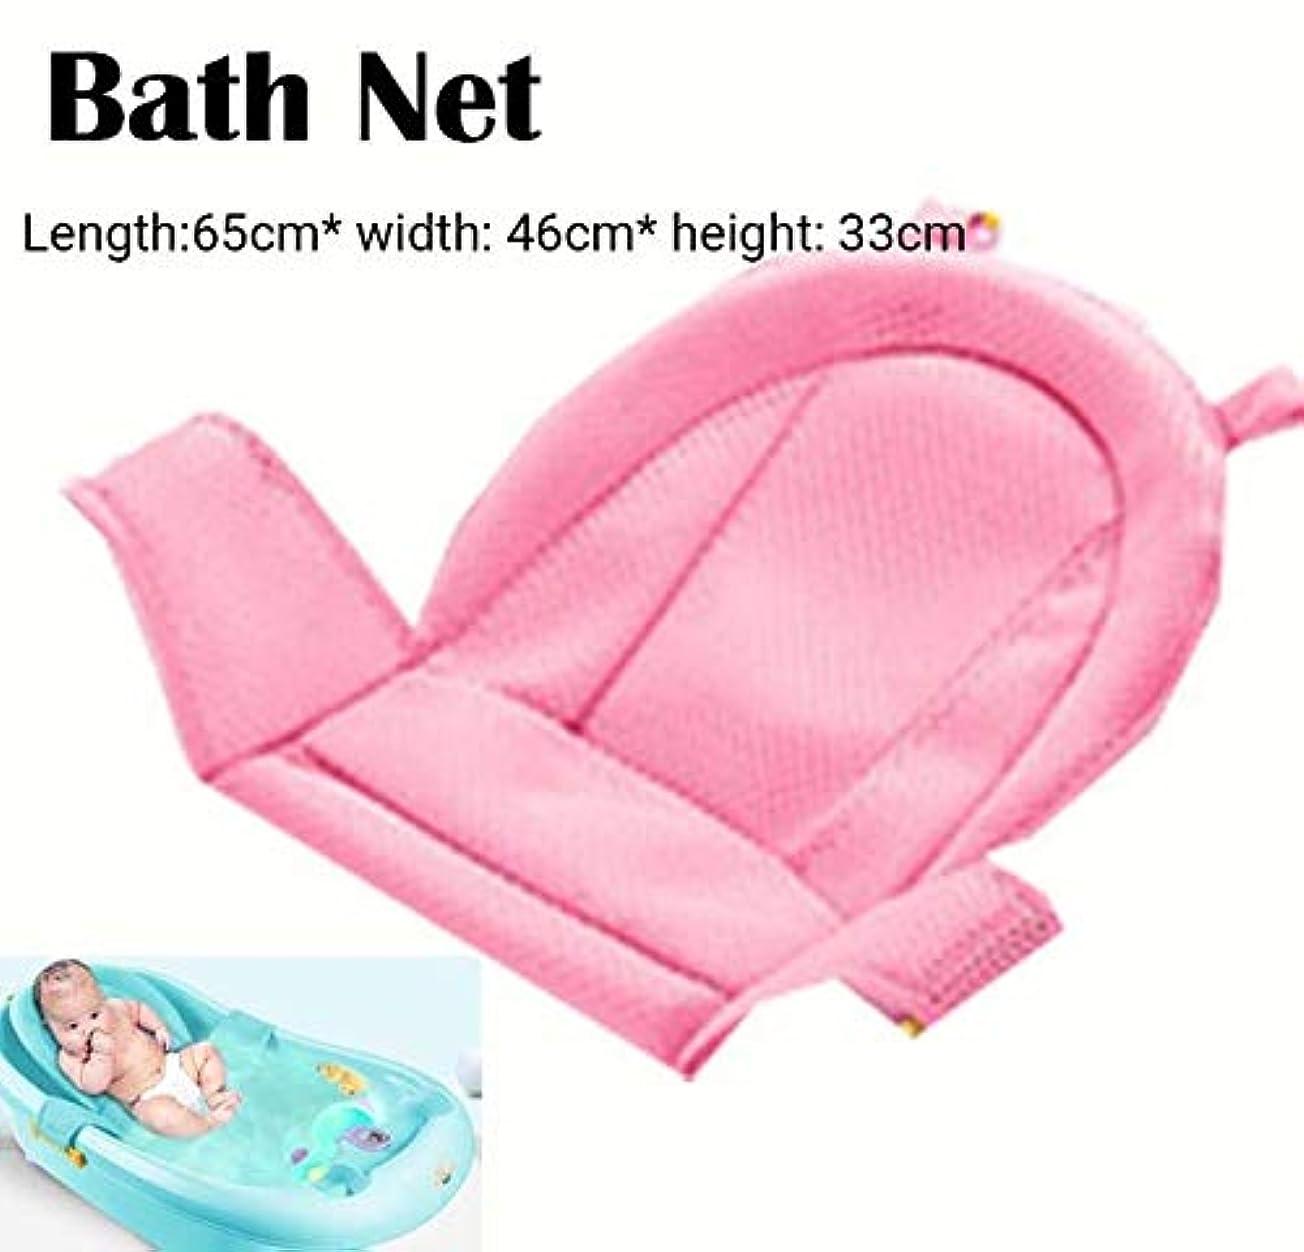 リゾート責める生き返らせるSMART 漫画ポータブル赤ちゃんノンスリップバスタブシャワー浴槽マット新生児安全セキュリティバスエアクッション折りたたみソフト枕シート クッション 椅子